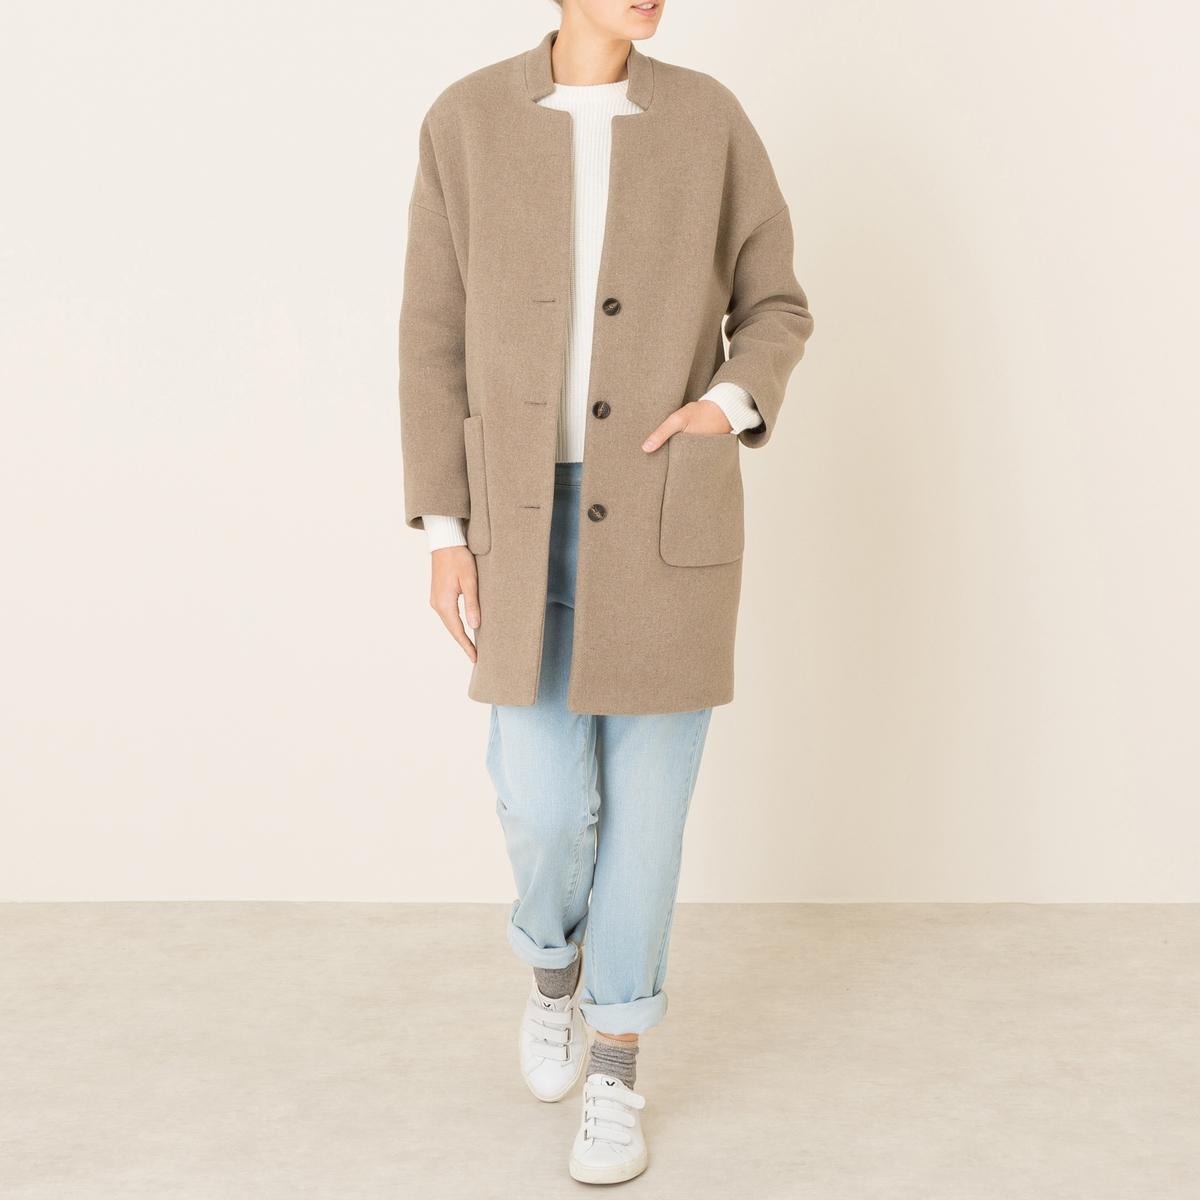 Пальто VOLGAПальто HARRIS WILSON - модель VOLGA. Пальто из итальянской ткани. Воротник-стойка. Приспущенные проймы. Застежка на 3 пуговицы. 2 больших накладных кармана. Подкладка с рисунком. Состав и описание Материал : 80% шерсти, 20% полиамидаМарка : HARRIS WILSON<br><br>Цвет: темно-бежевый<br>Размер: L